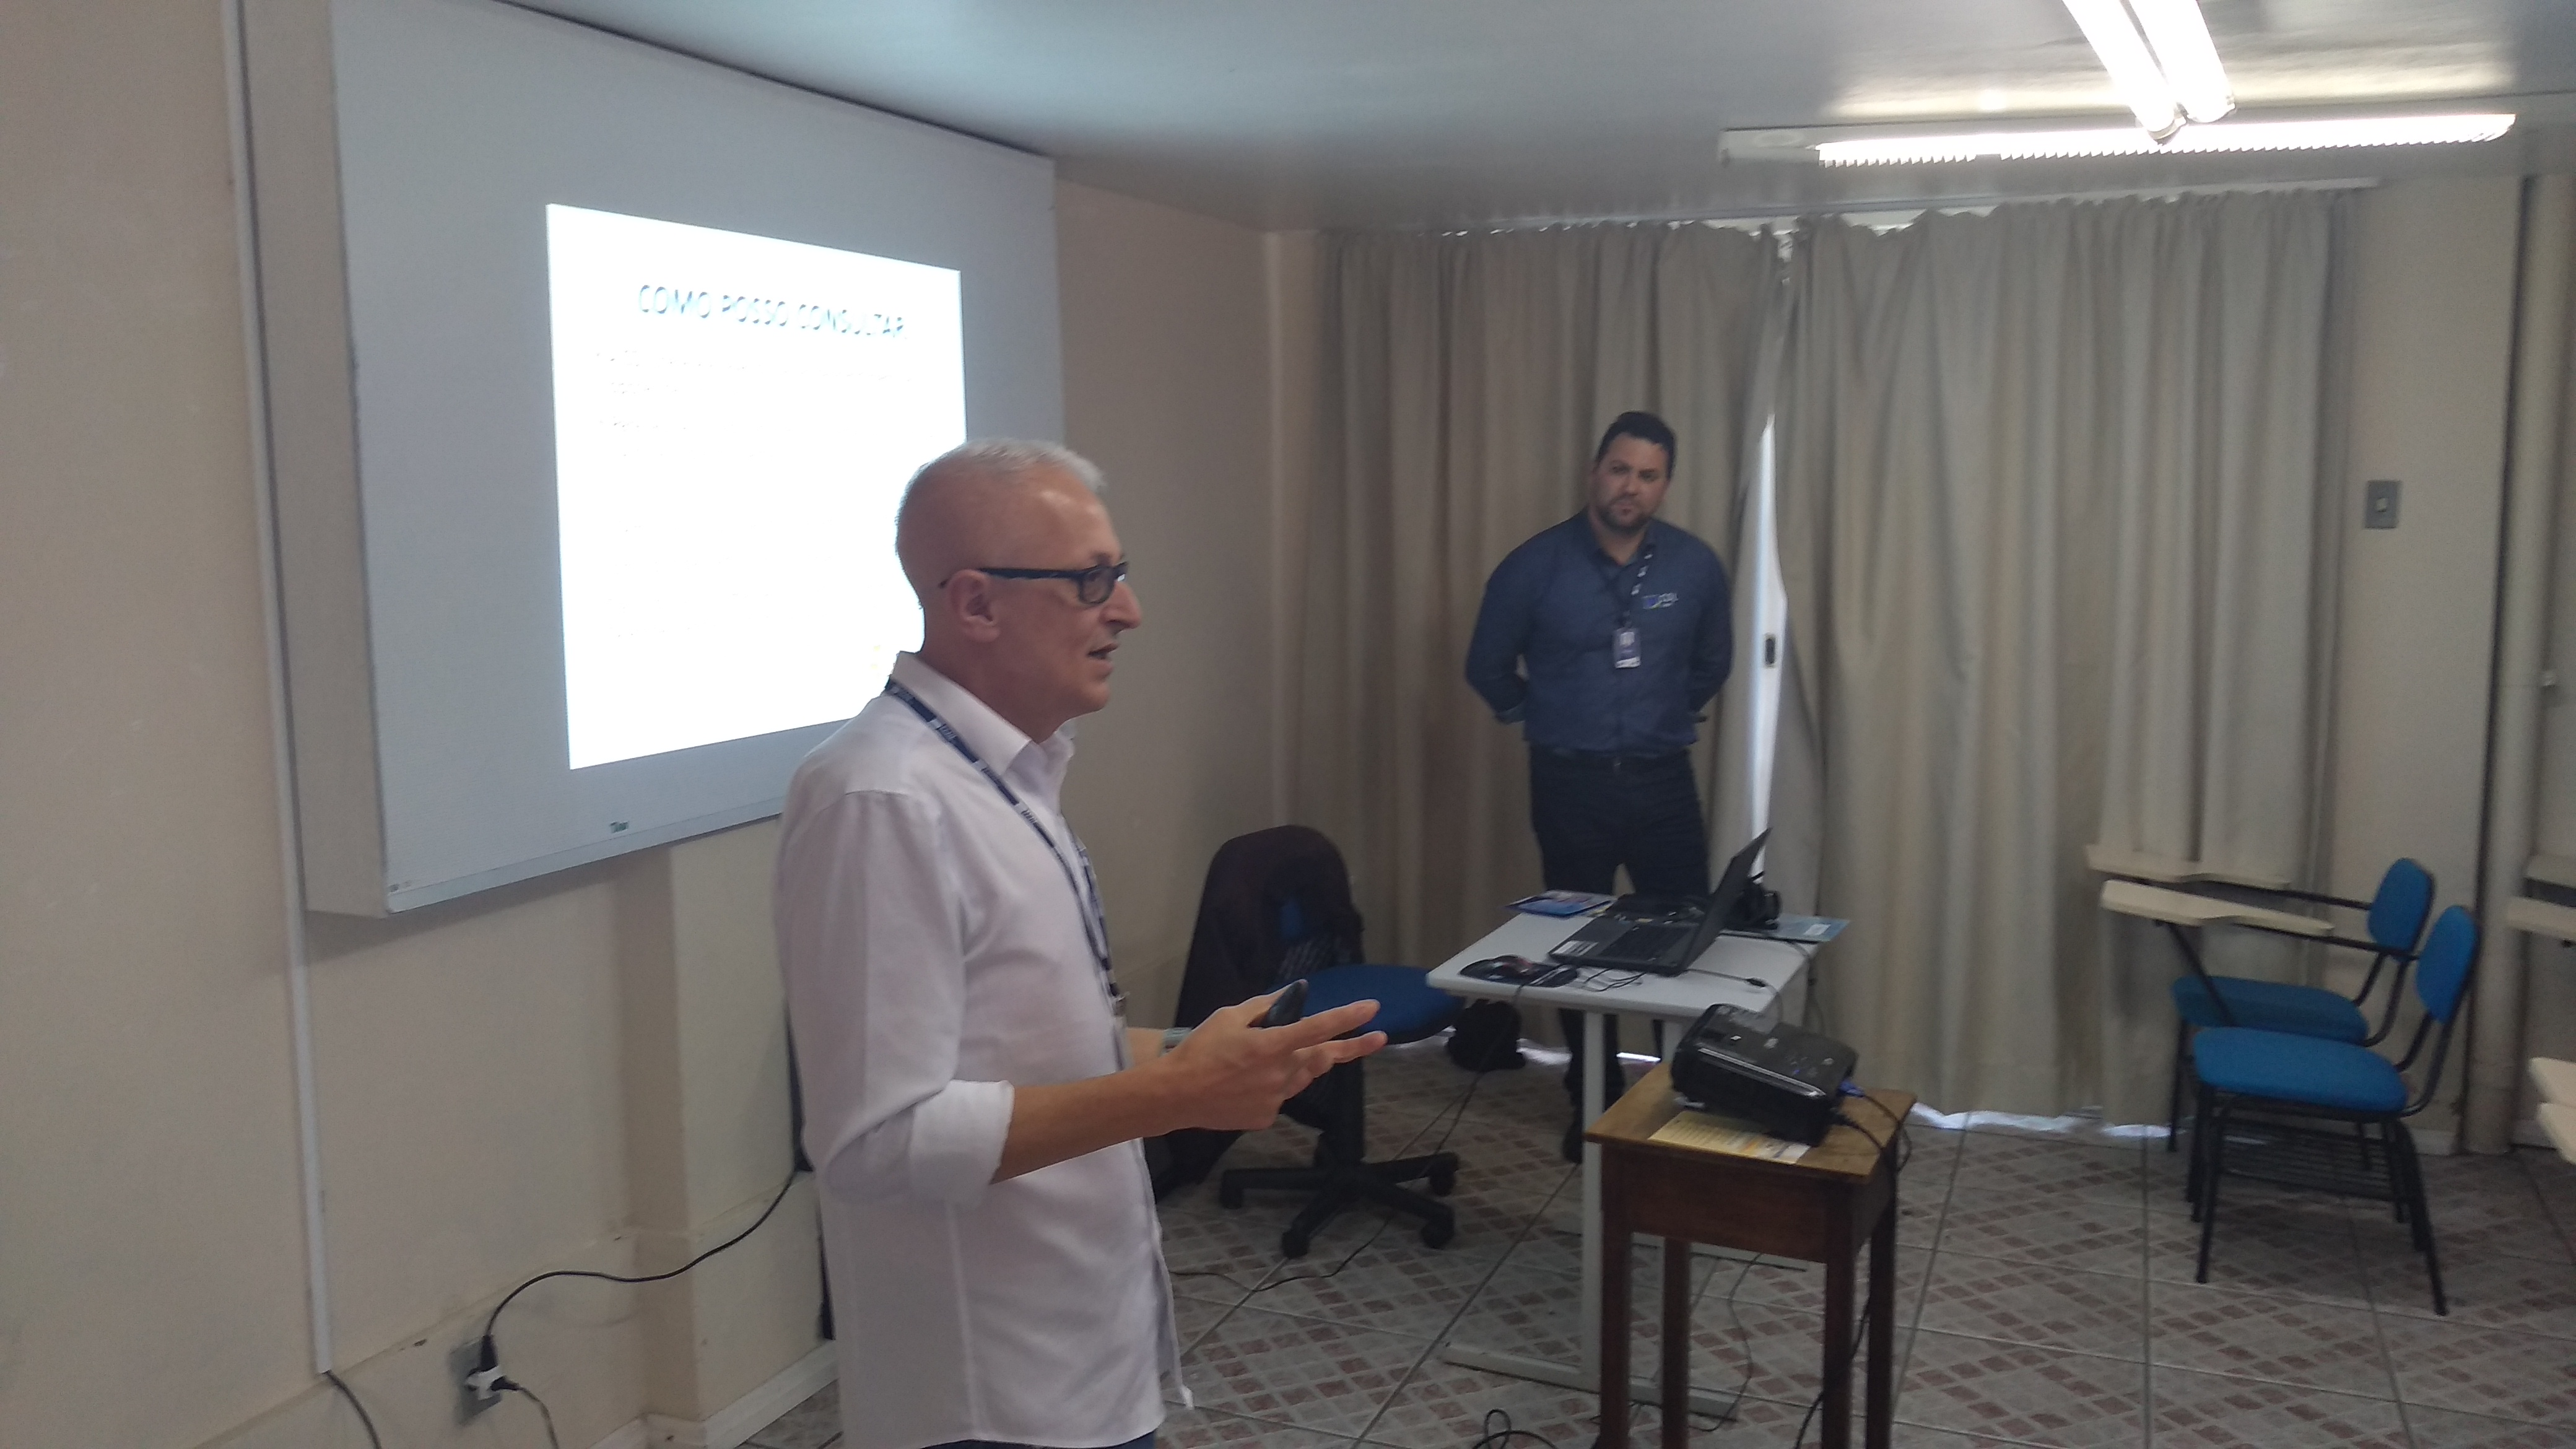 08/08/2019 - Educação financeira com coordenadores do SPC/CDL.